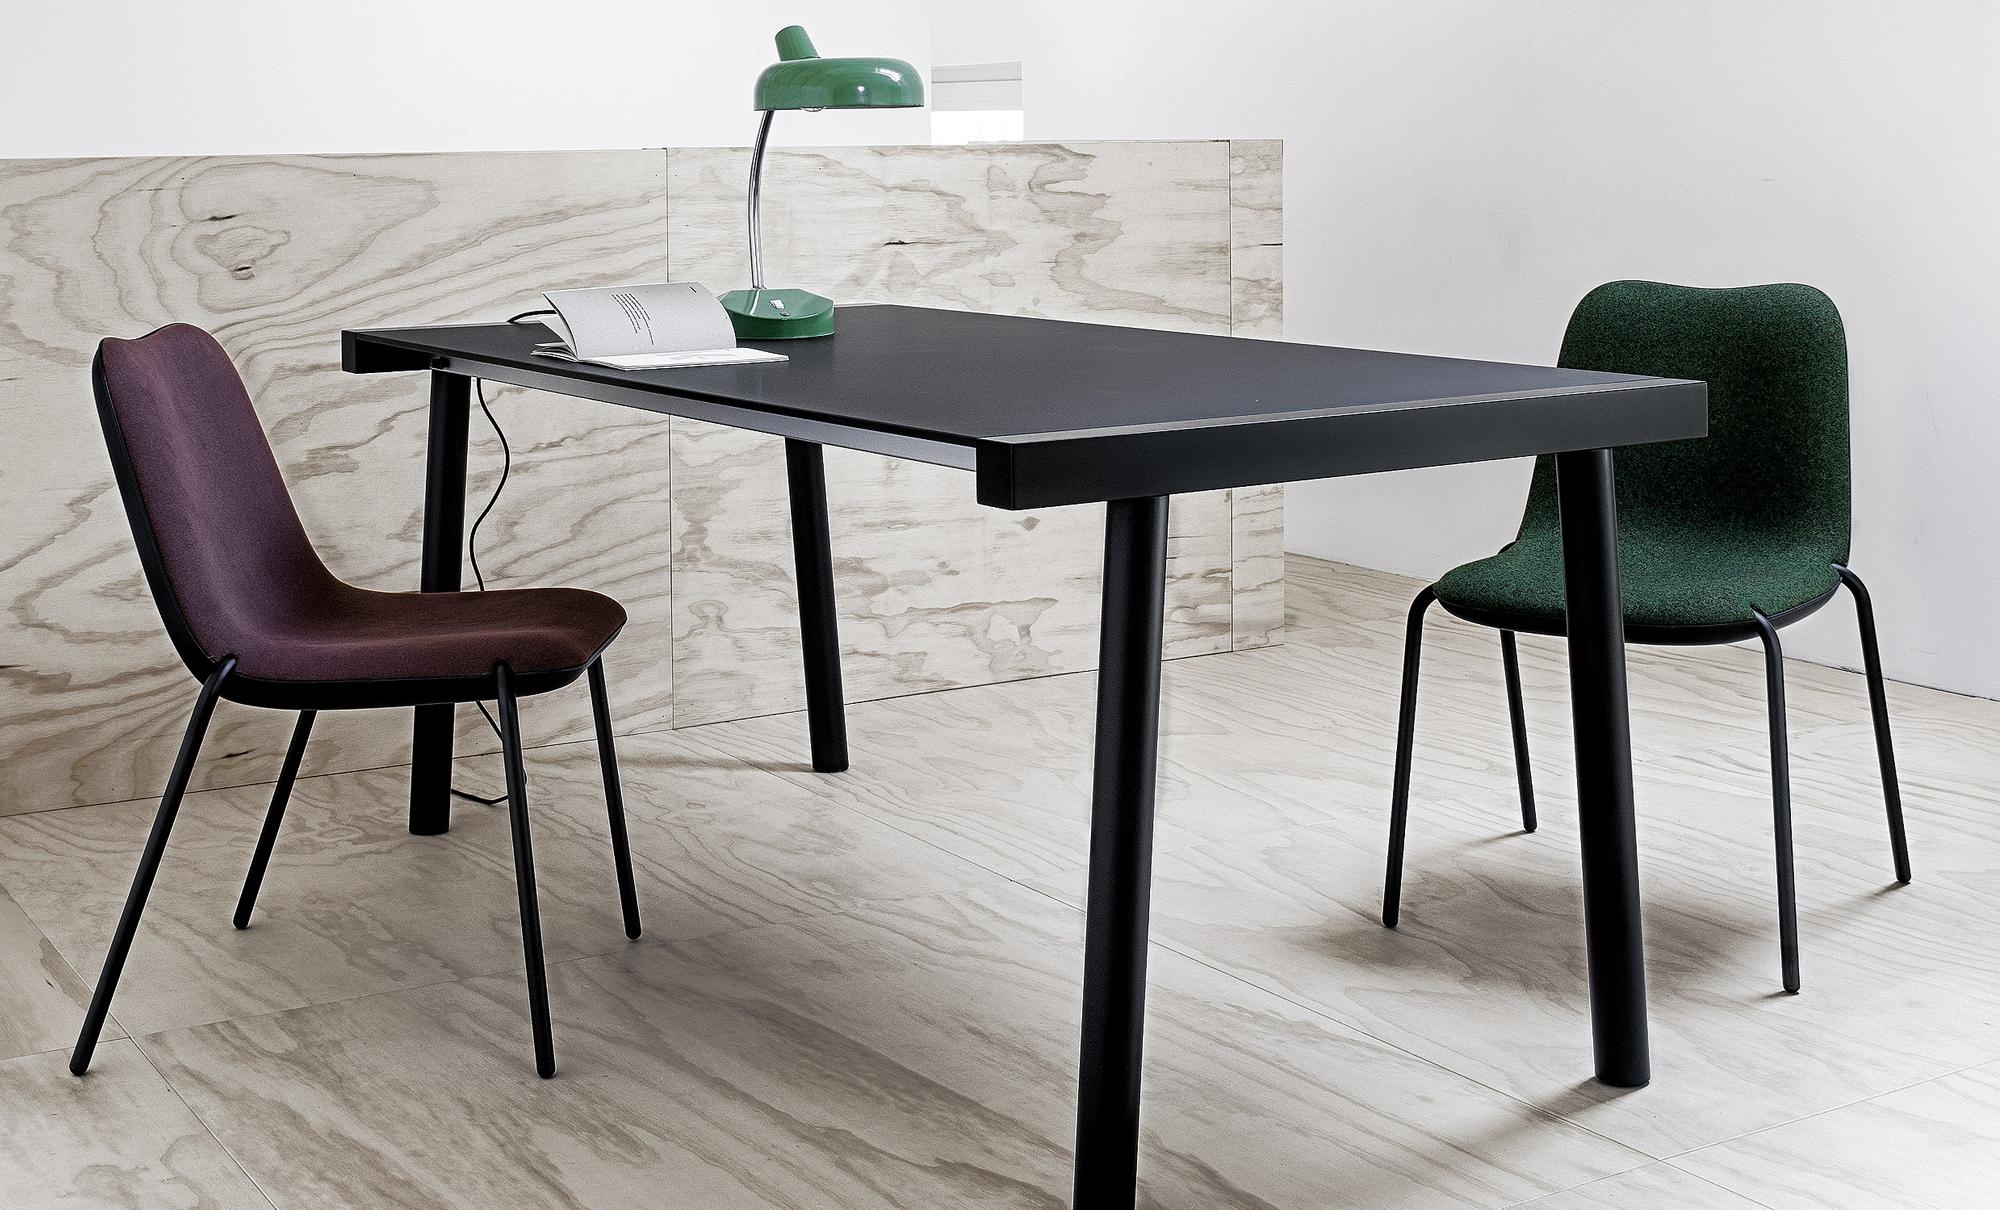 Skal Dining Chair Indoor Outdoor Satara Australia  : dining chairs boum dining chair 5 from www.asusual.us size 2000 x 1210 jpeg 1586kB